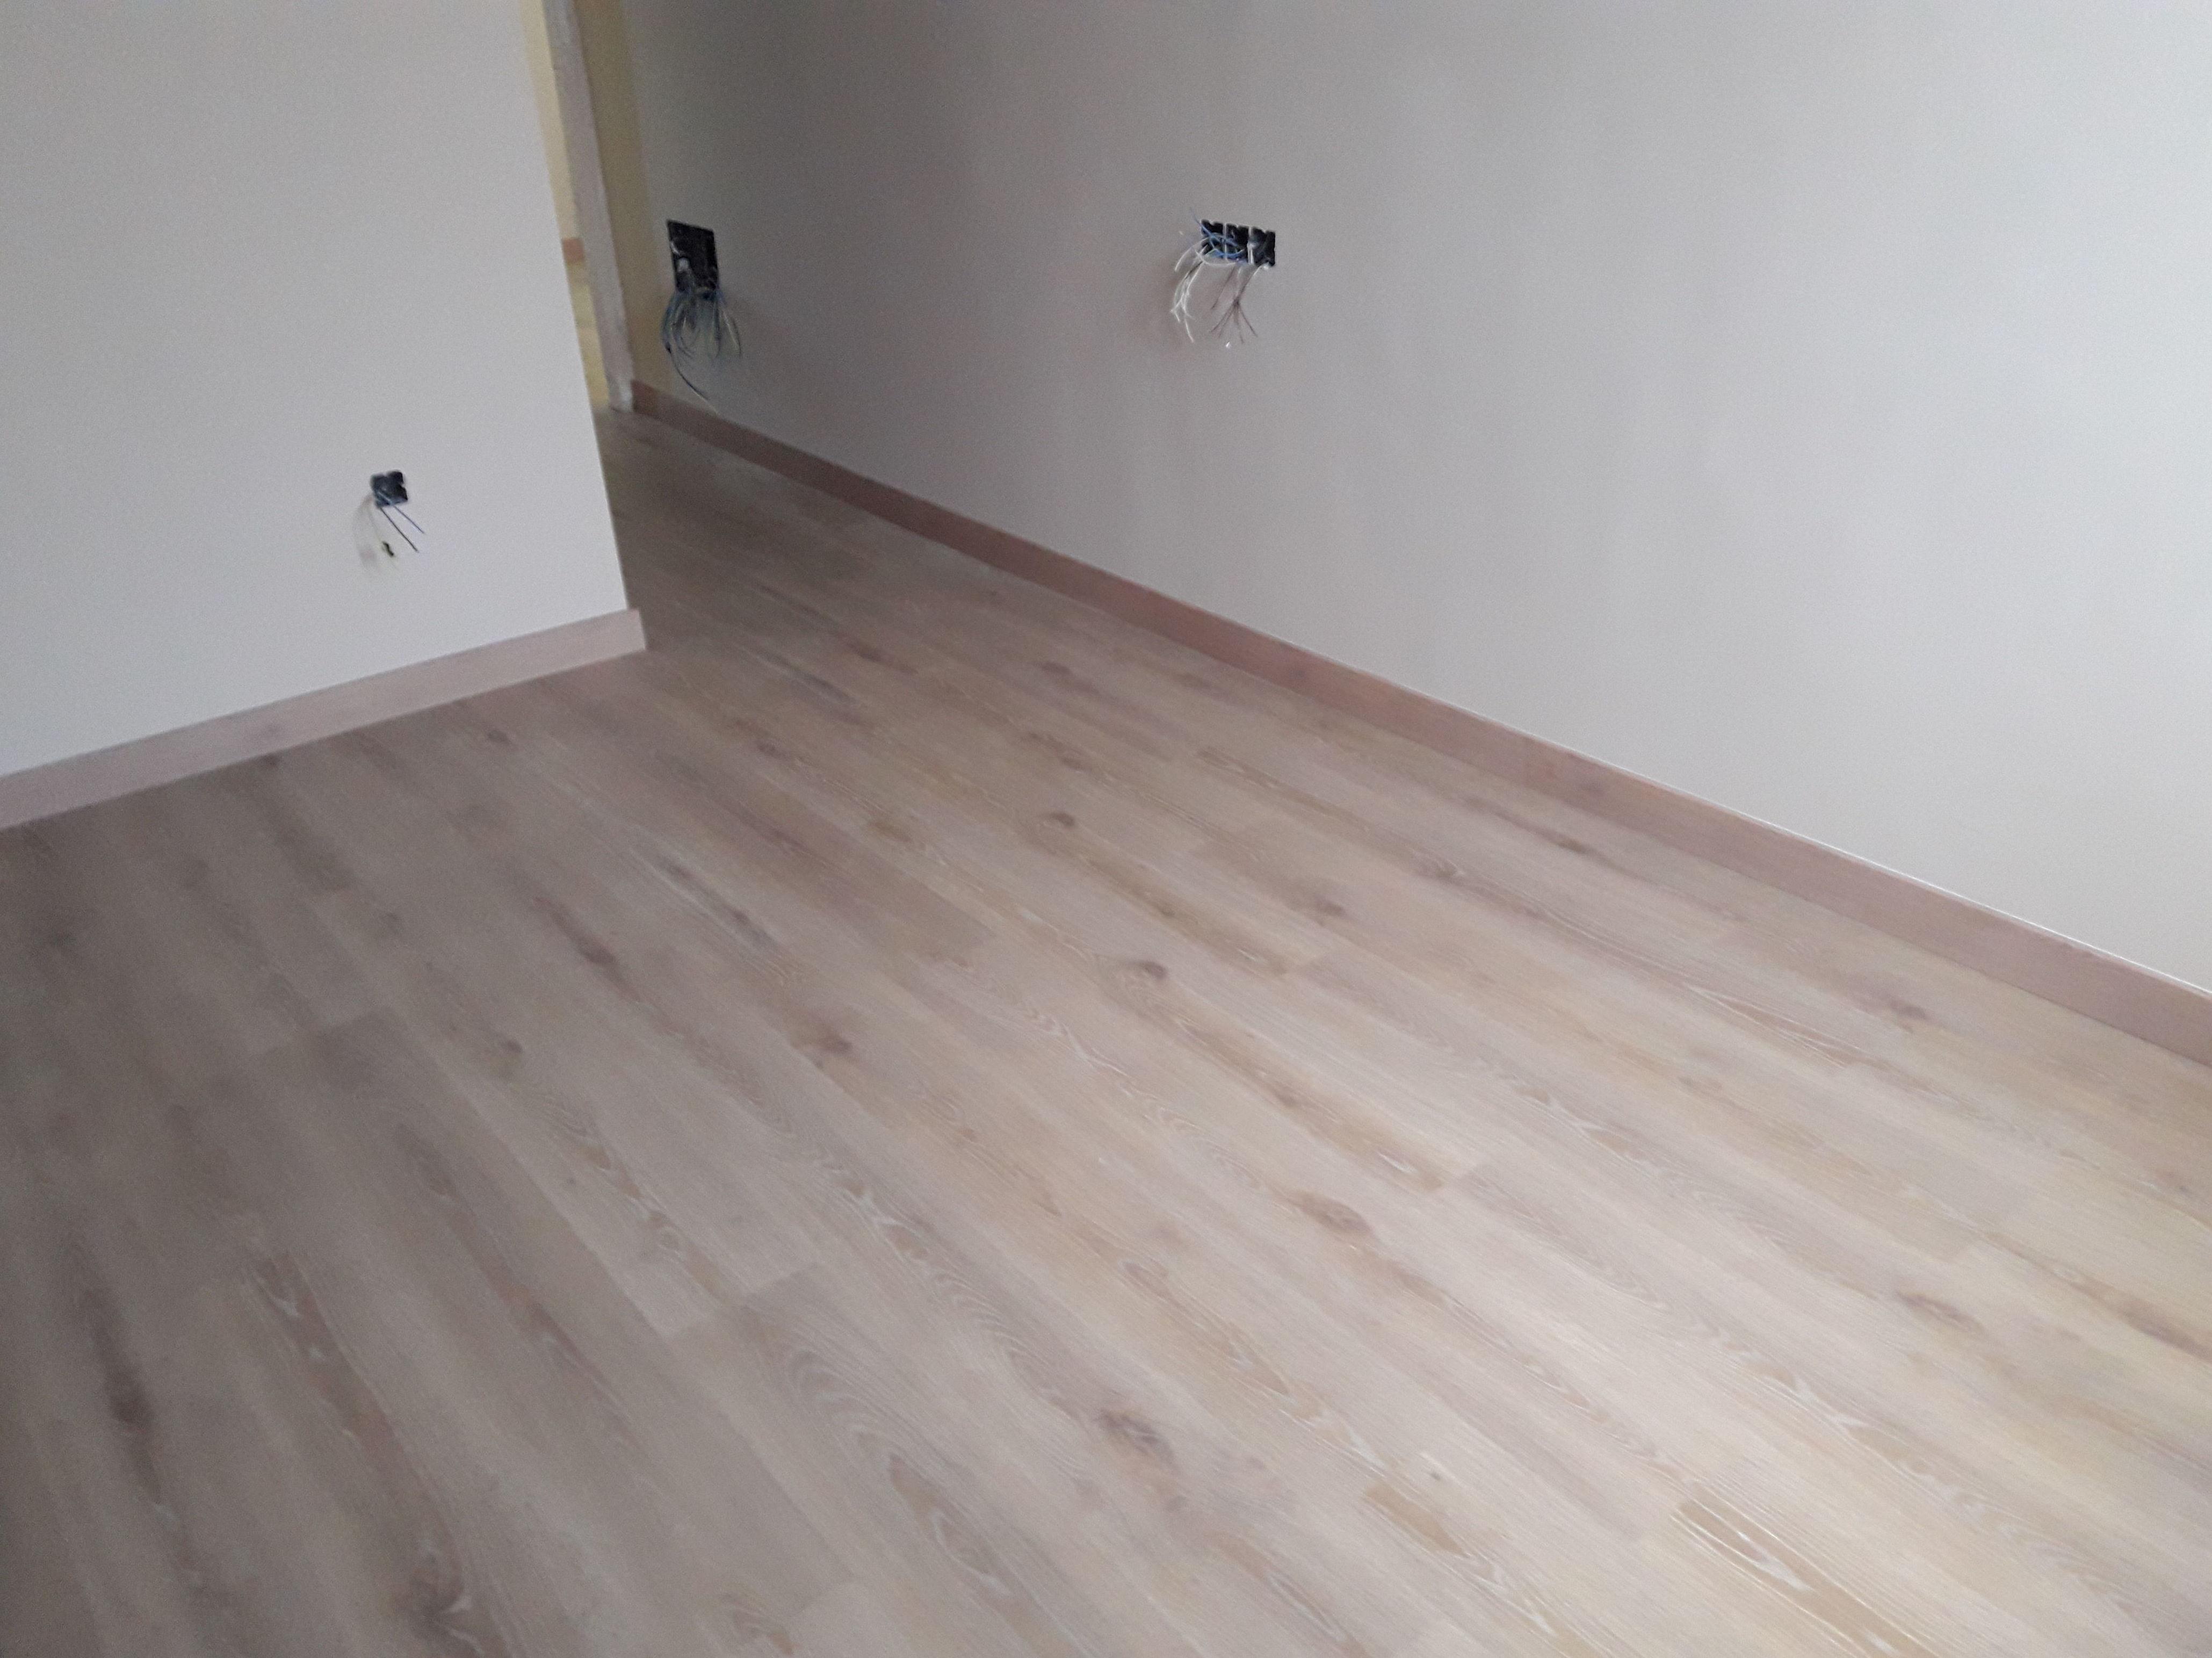 Suelo Laminado AC5/33 roble natural real wood. Instalación de suelo en San Roque por instalador de suelo laminado, tarimas flotantes y pavimentos. Móvil: 684 222 222